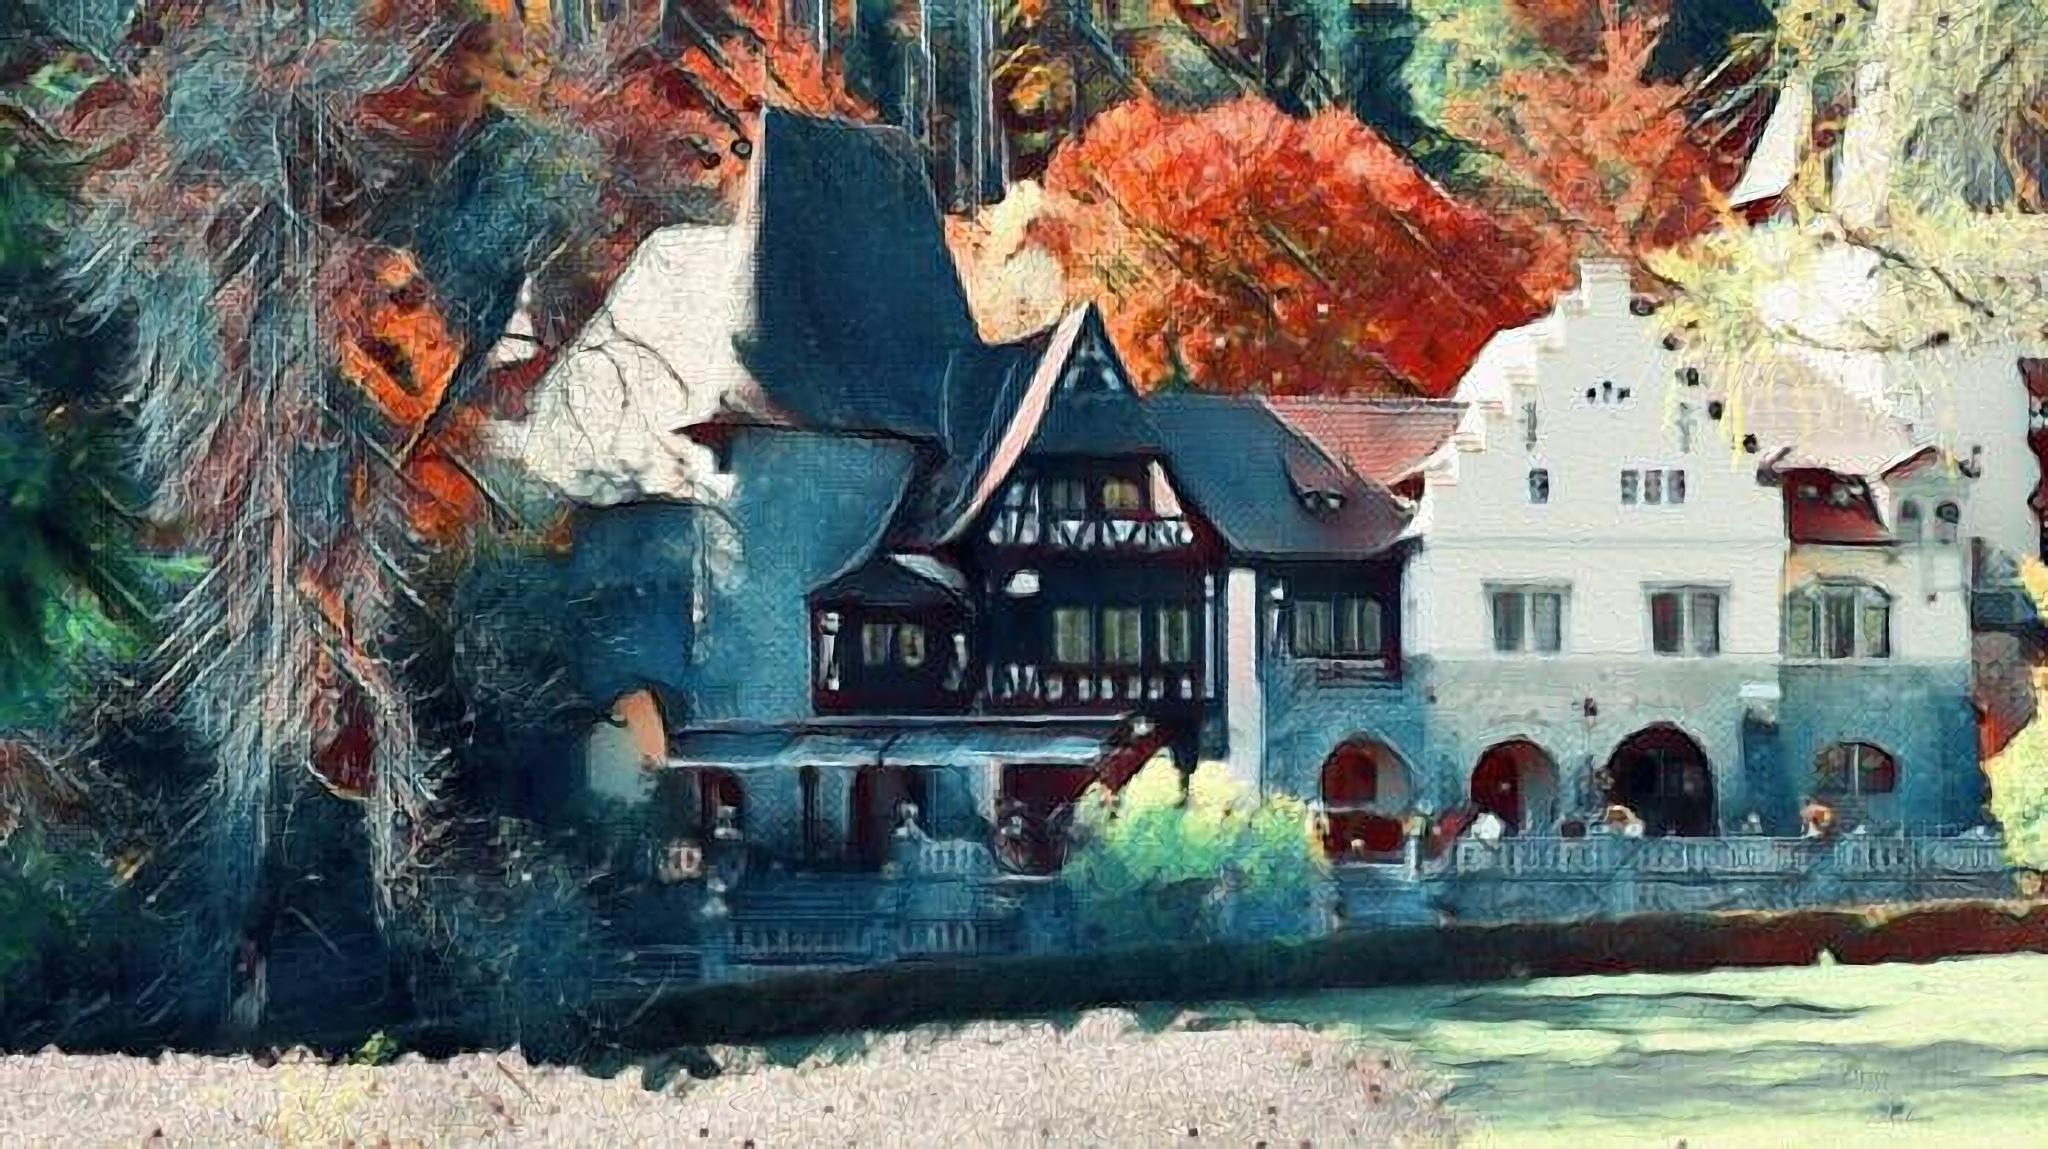 Autumn paint by Florian B